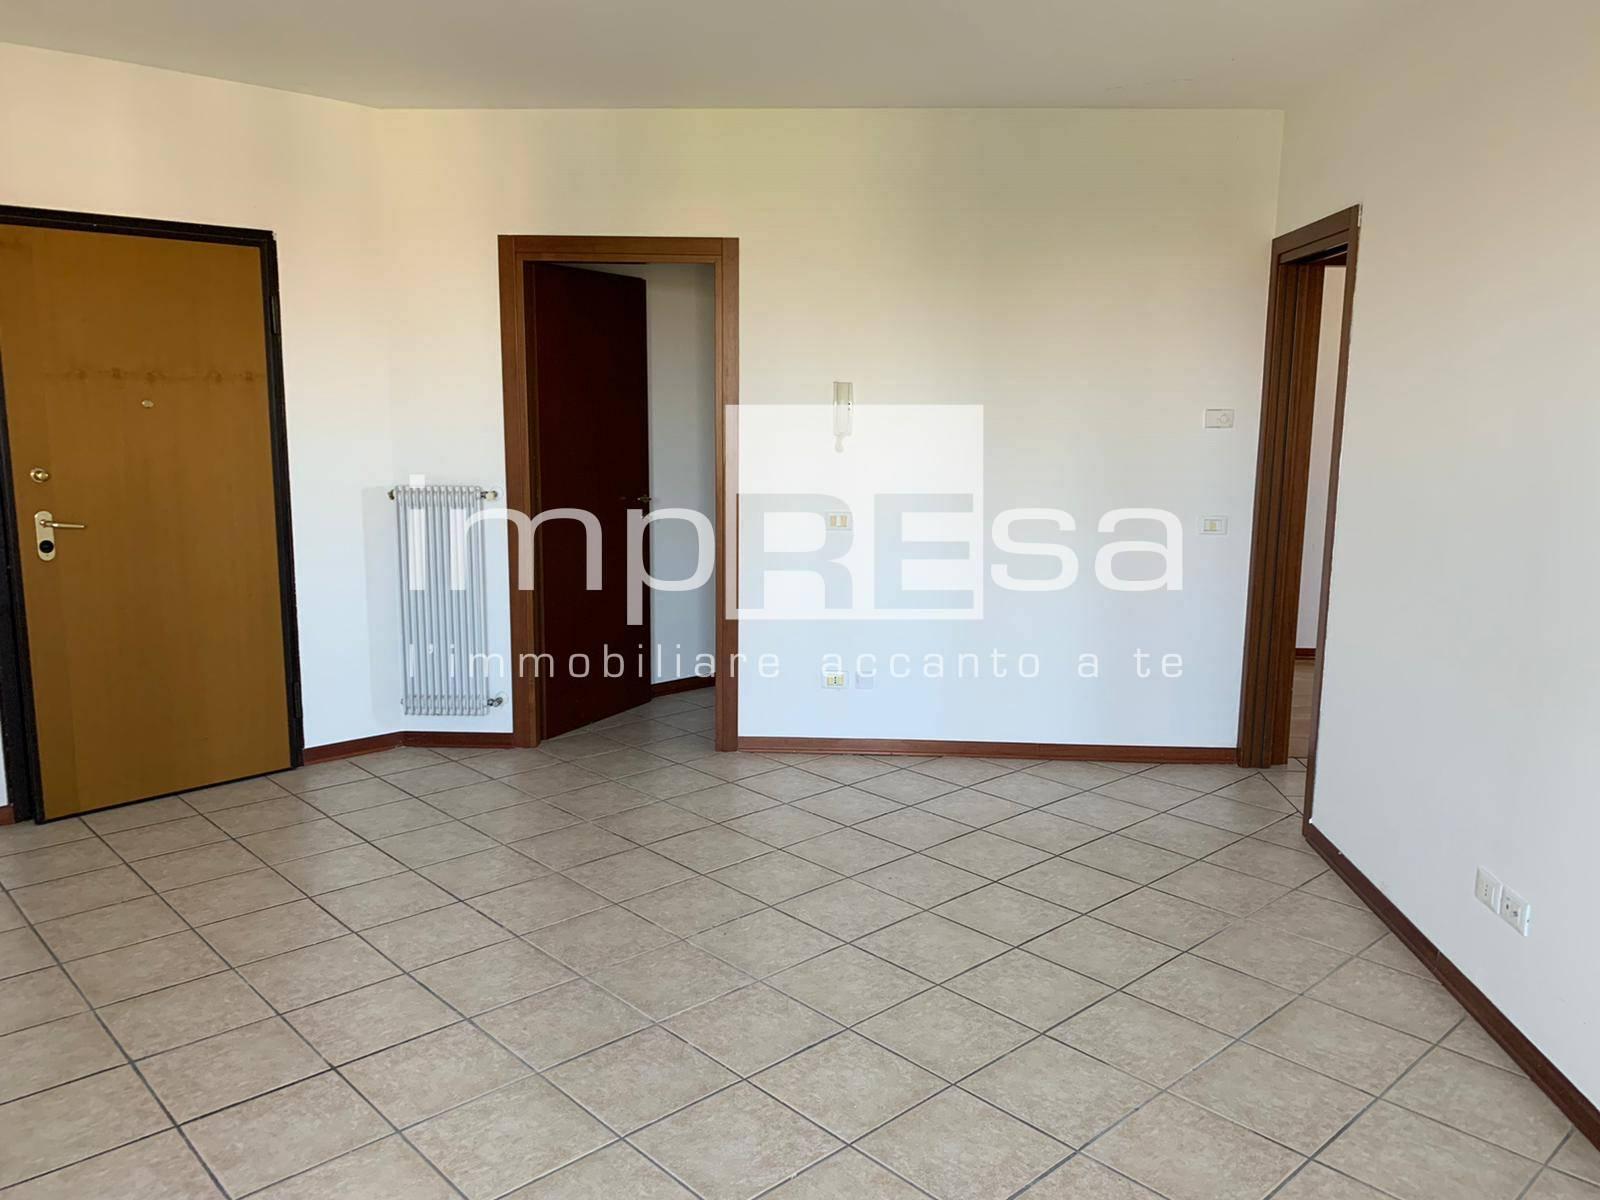 Appartamento in vendita a Vazzola, 3 locali, prezzo € 88.000   CambioCasa.it